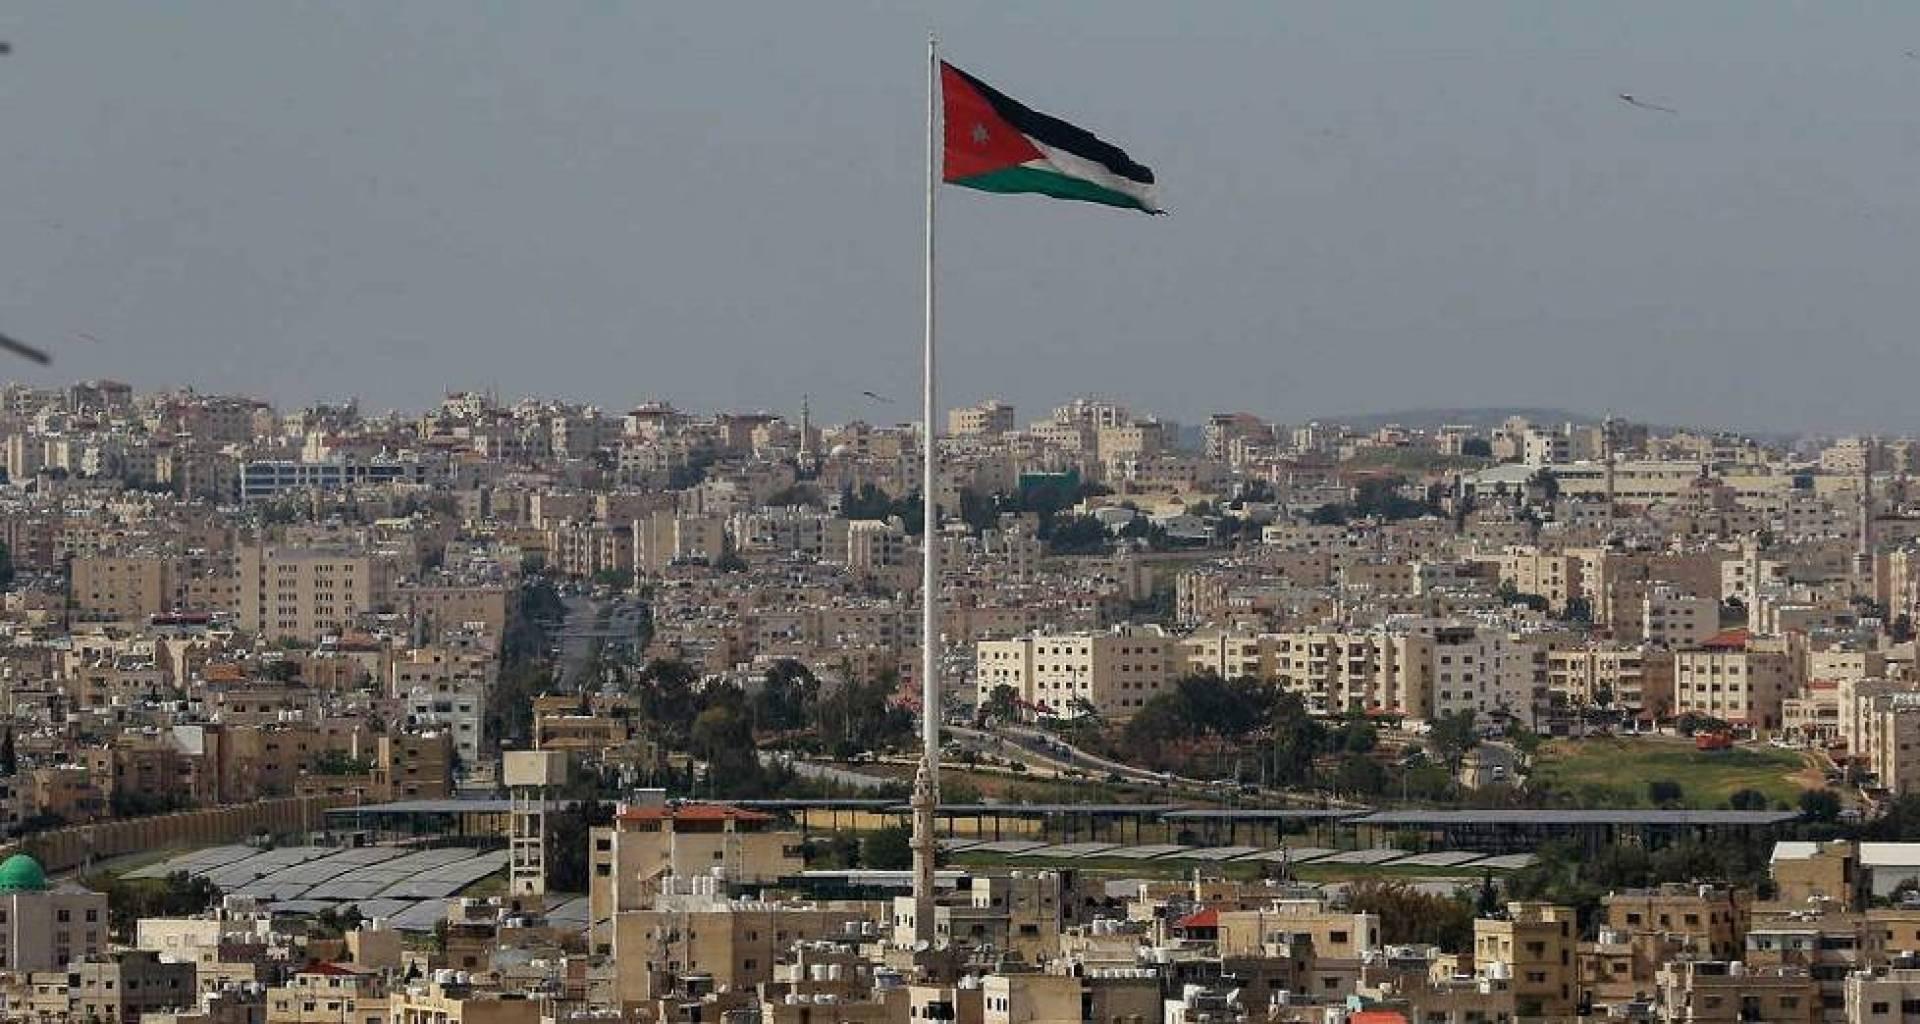 الأردن يعلن وقف الحظر الشامل وعودة التعليم في المدارس